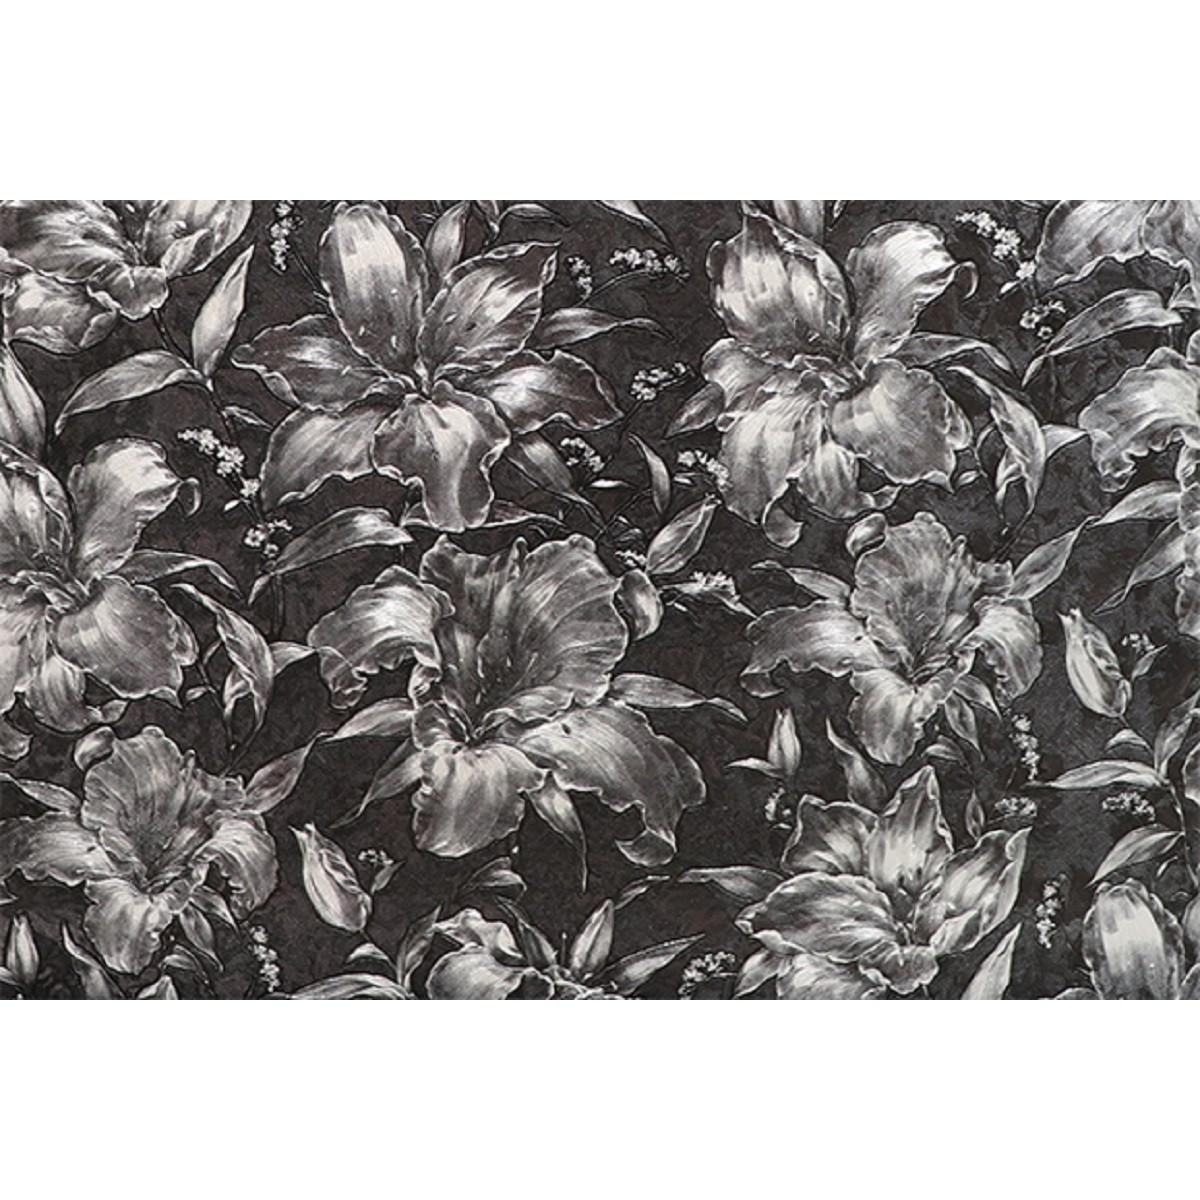 Обои флизелиновые Melody Блисс Муар черные 47609 1.06 м